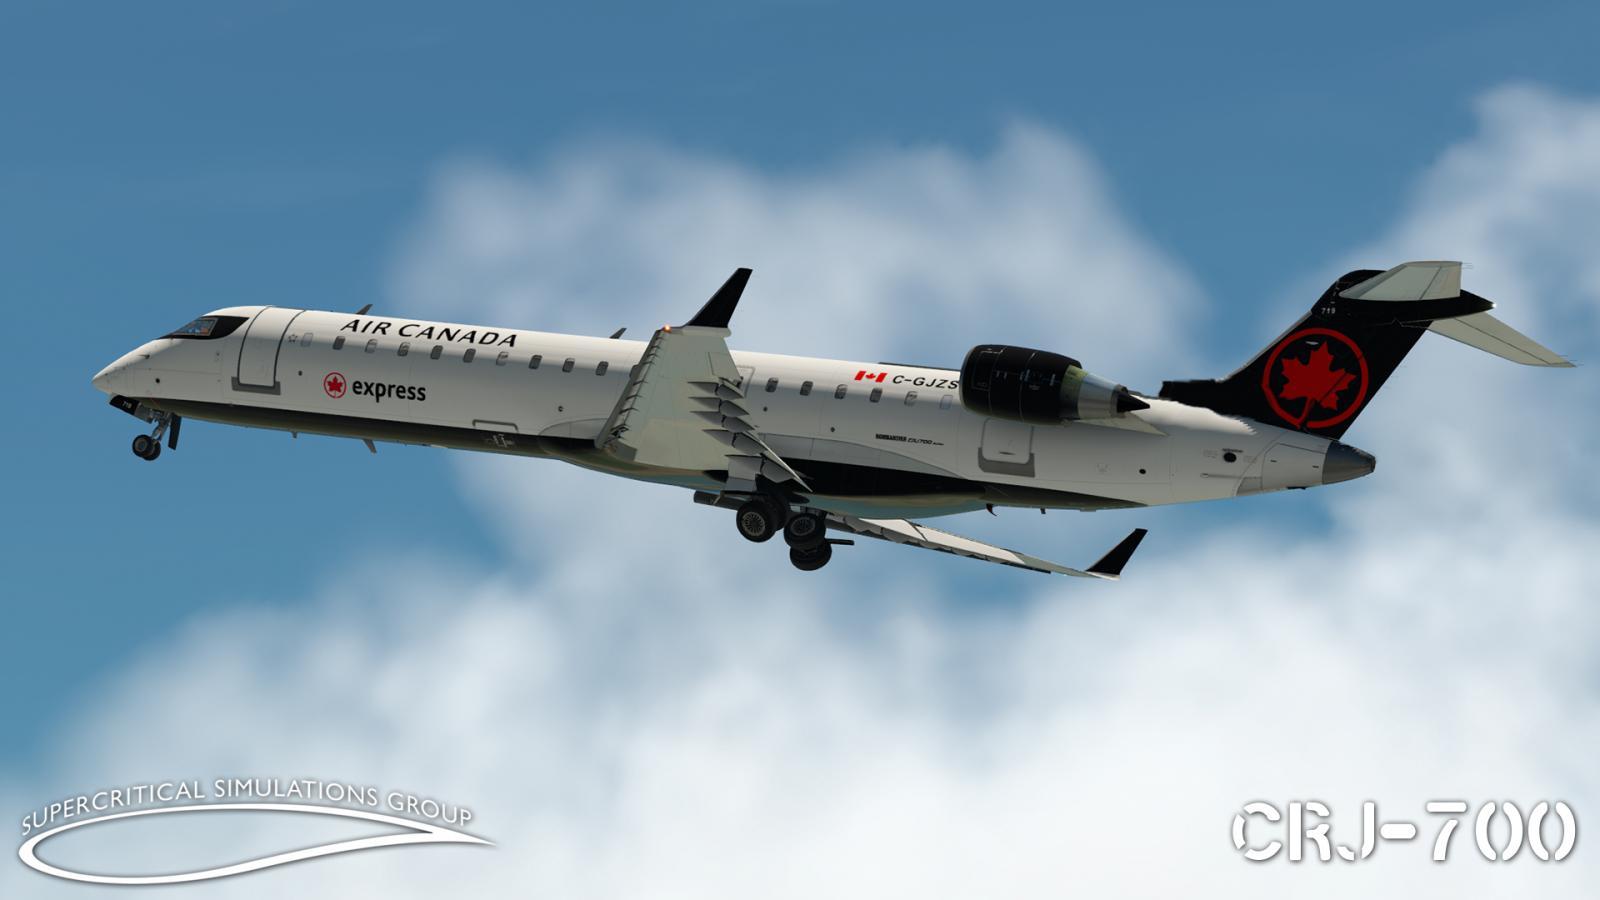 SSG CRJ-700 Progress Report - Page 30 - CRJ-700 by SSG - X